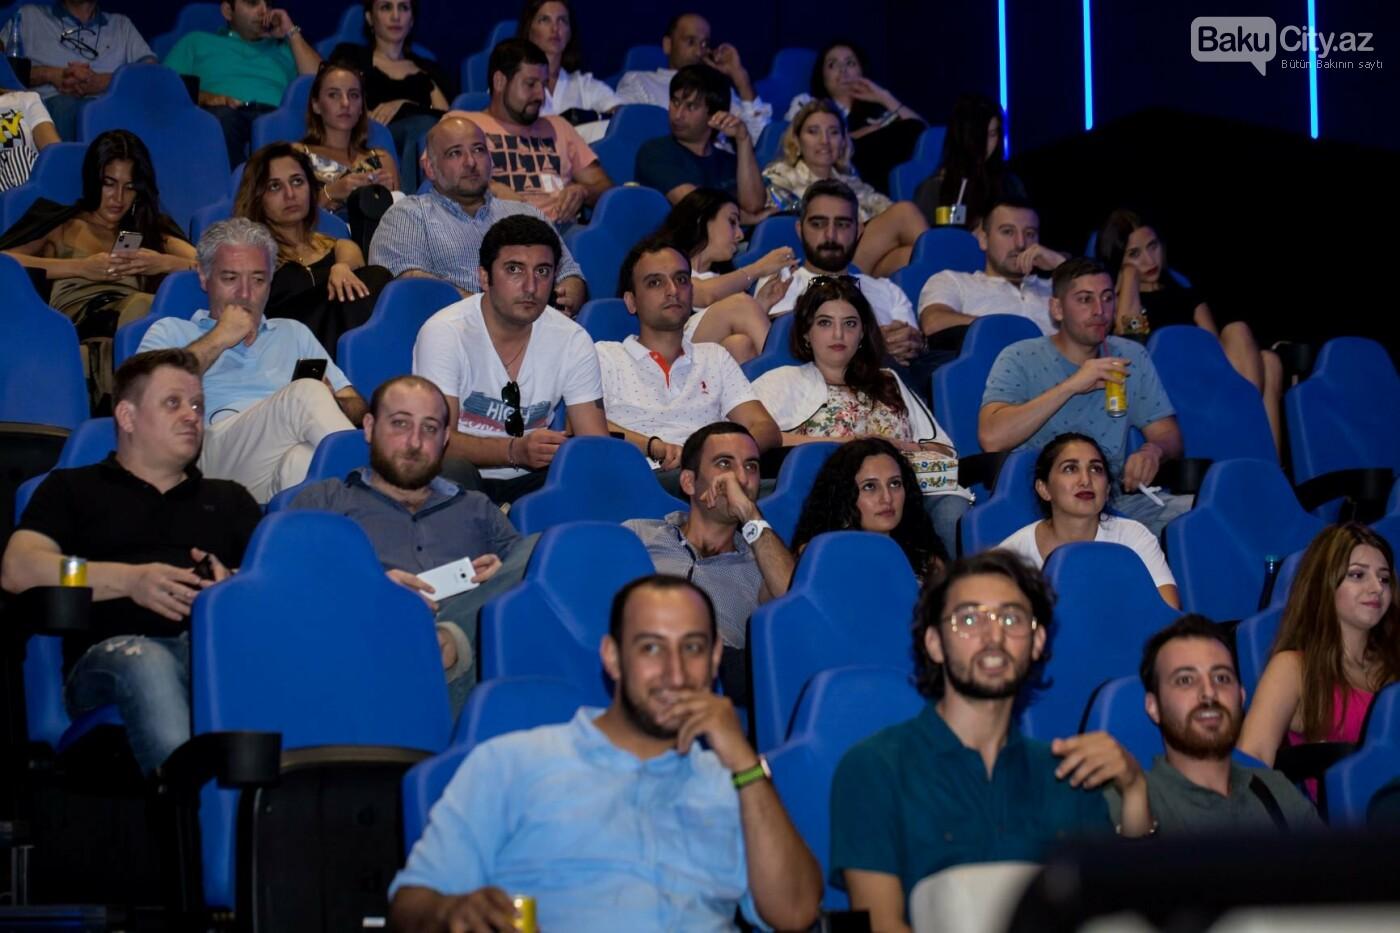 Bakıda Milli Kino Günü keçirildi - FOTO, fotoşəkil-22